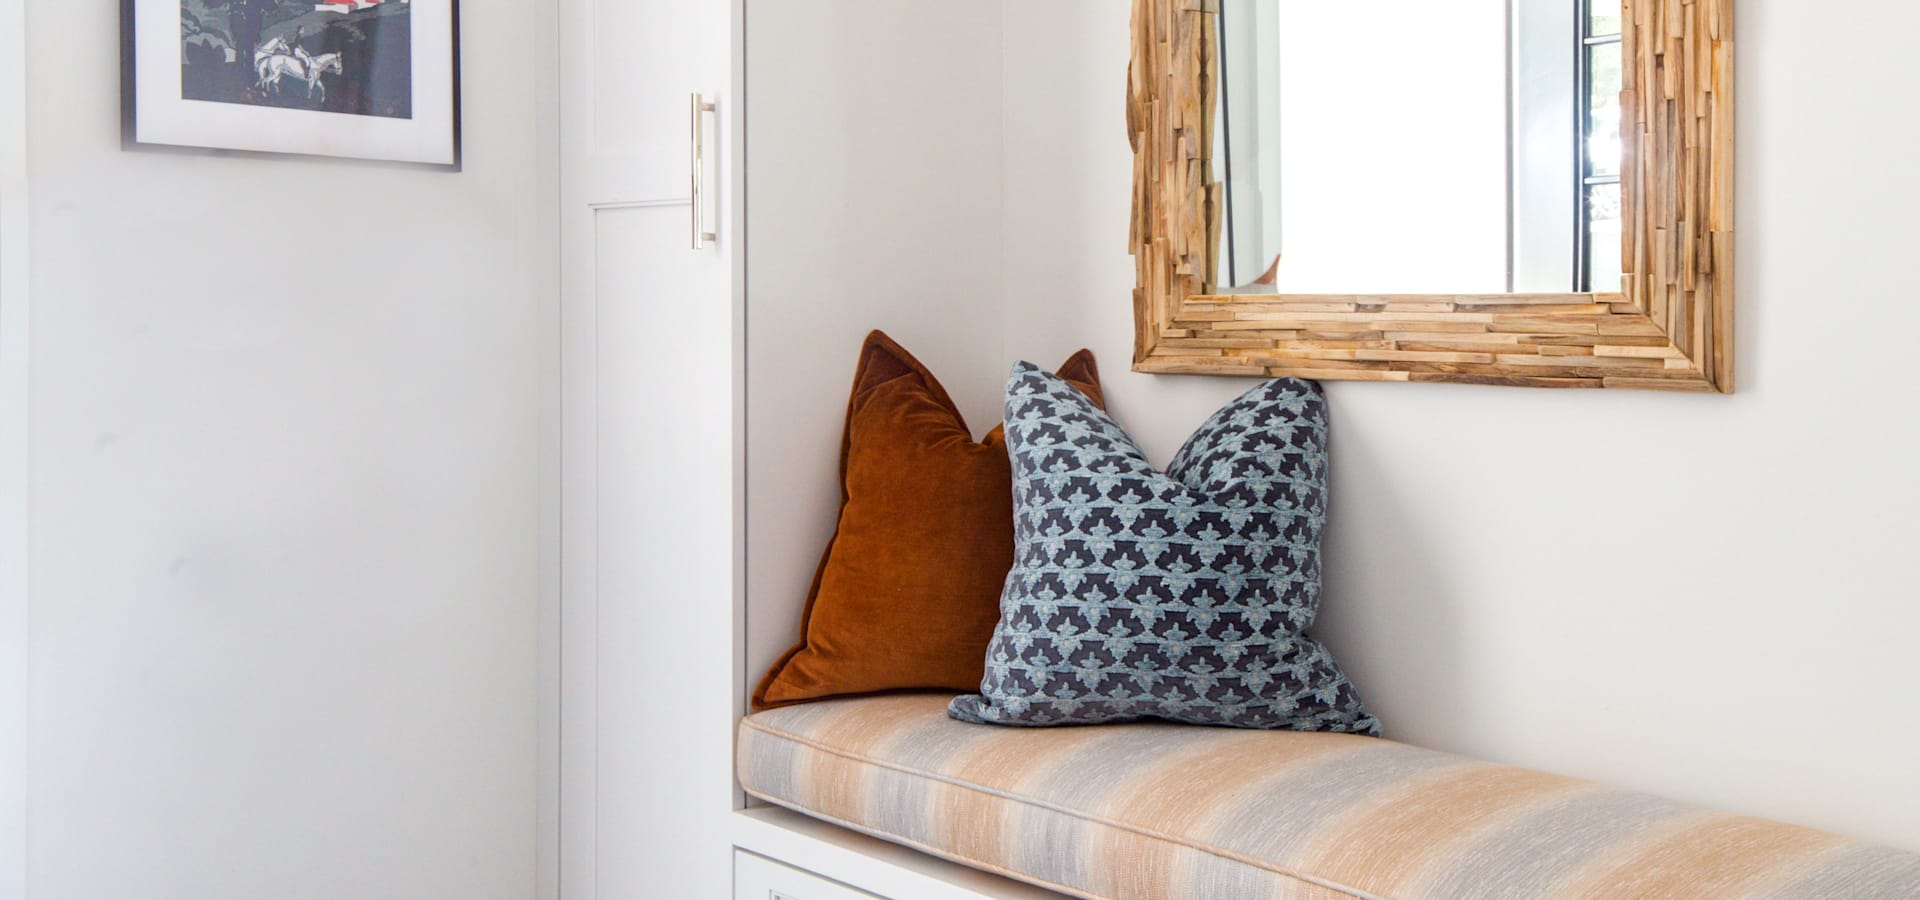 Amy Peltier Interior Design Home Interior Designers Decorators In South Pasadena Ca Usa Homify